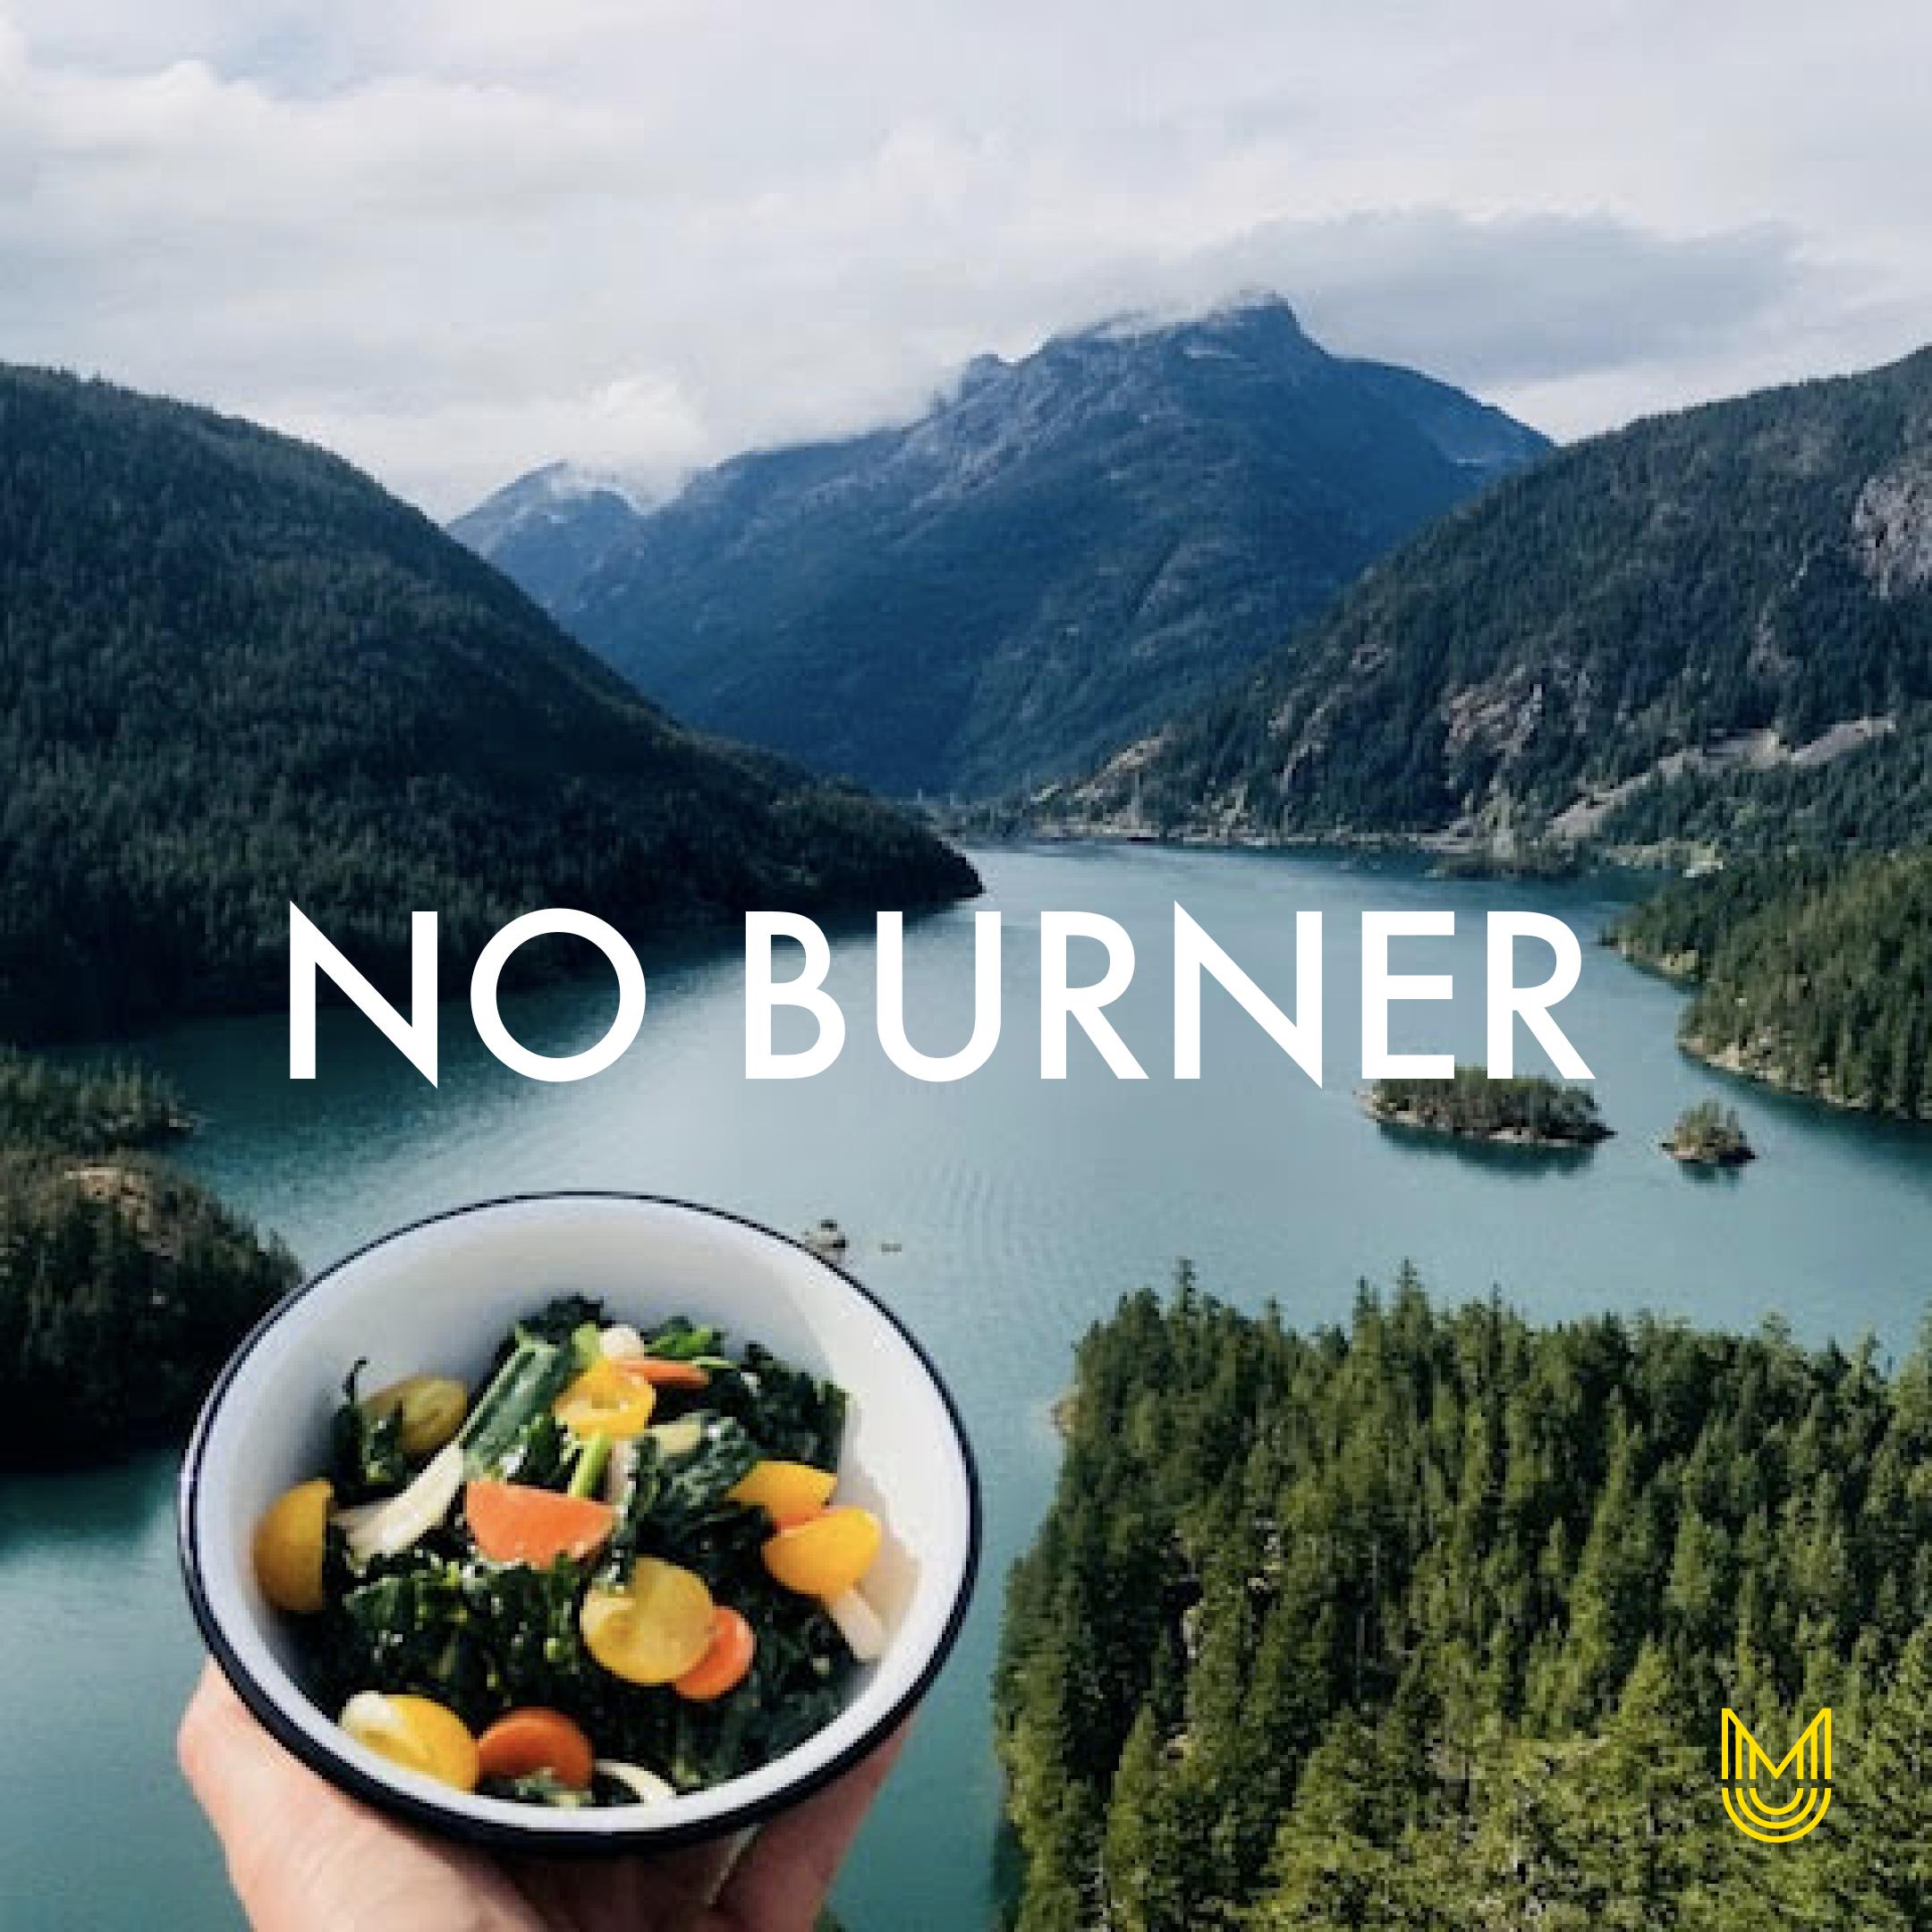 VIEW ALL NO BURNER RECIPES →